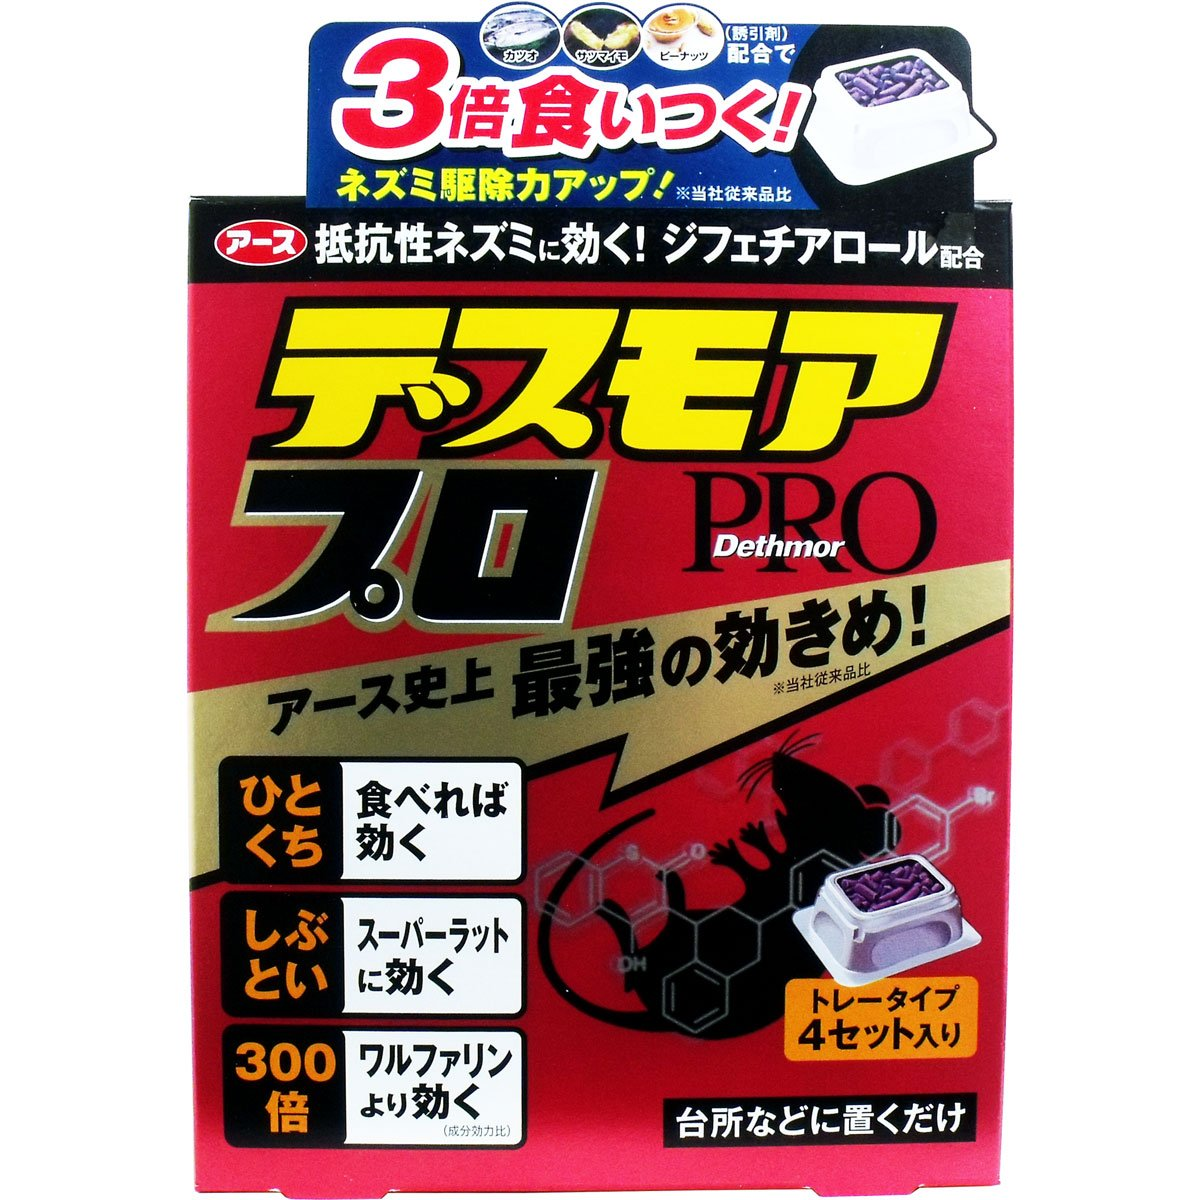 デスモアプロ トレータイプ × 20個セット B06Y5JMGNP